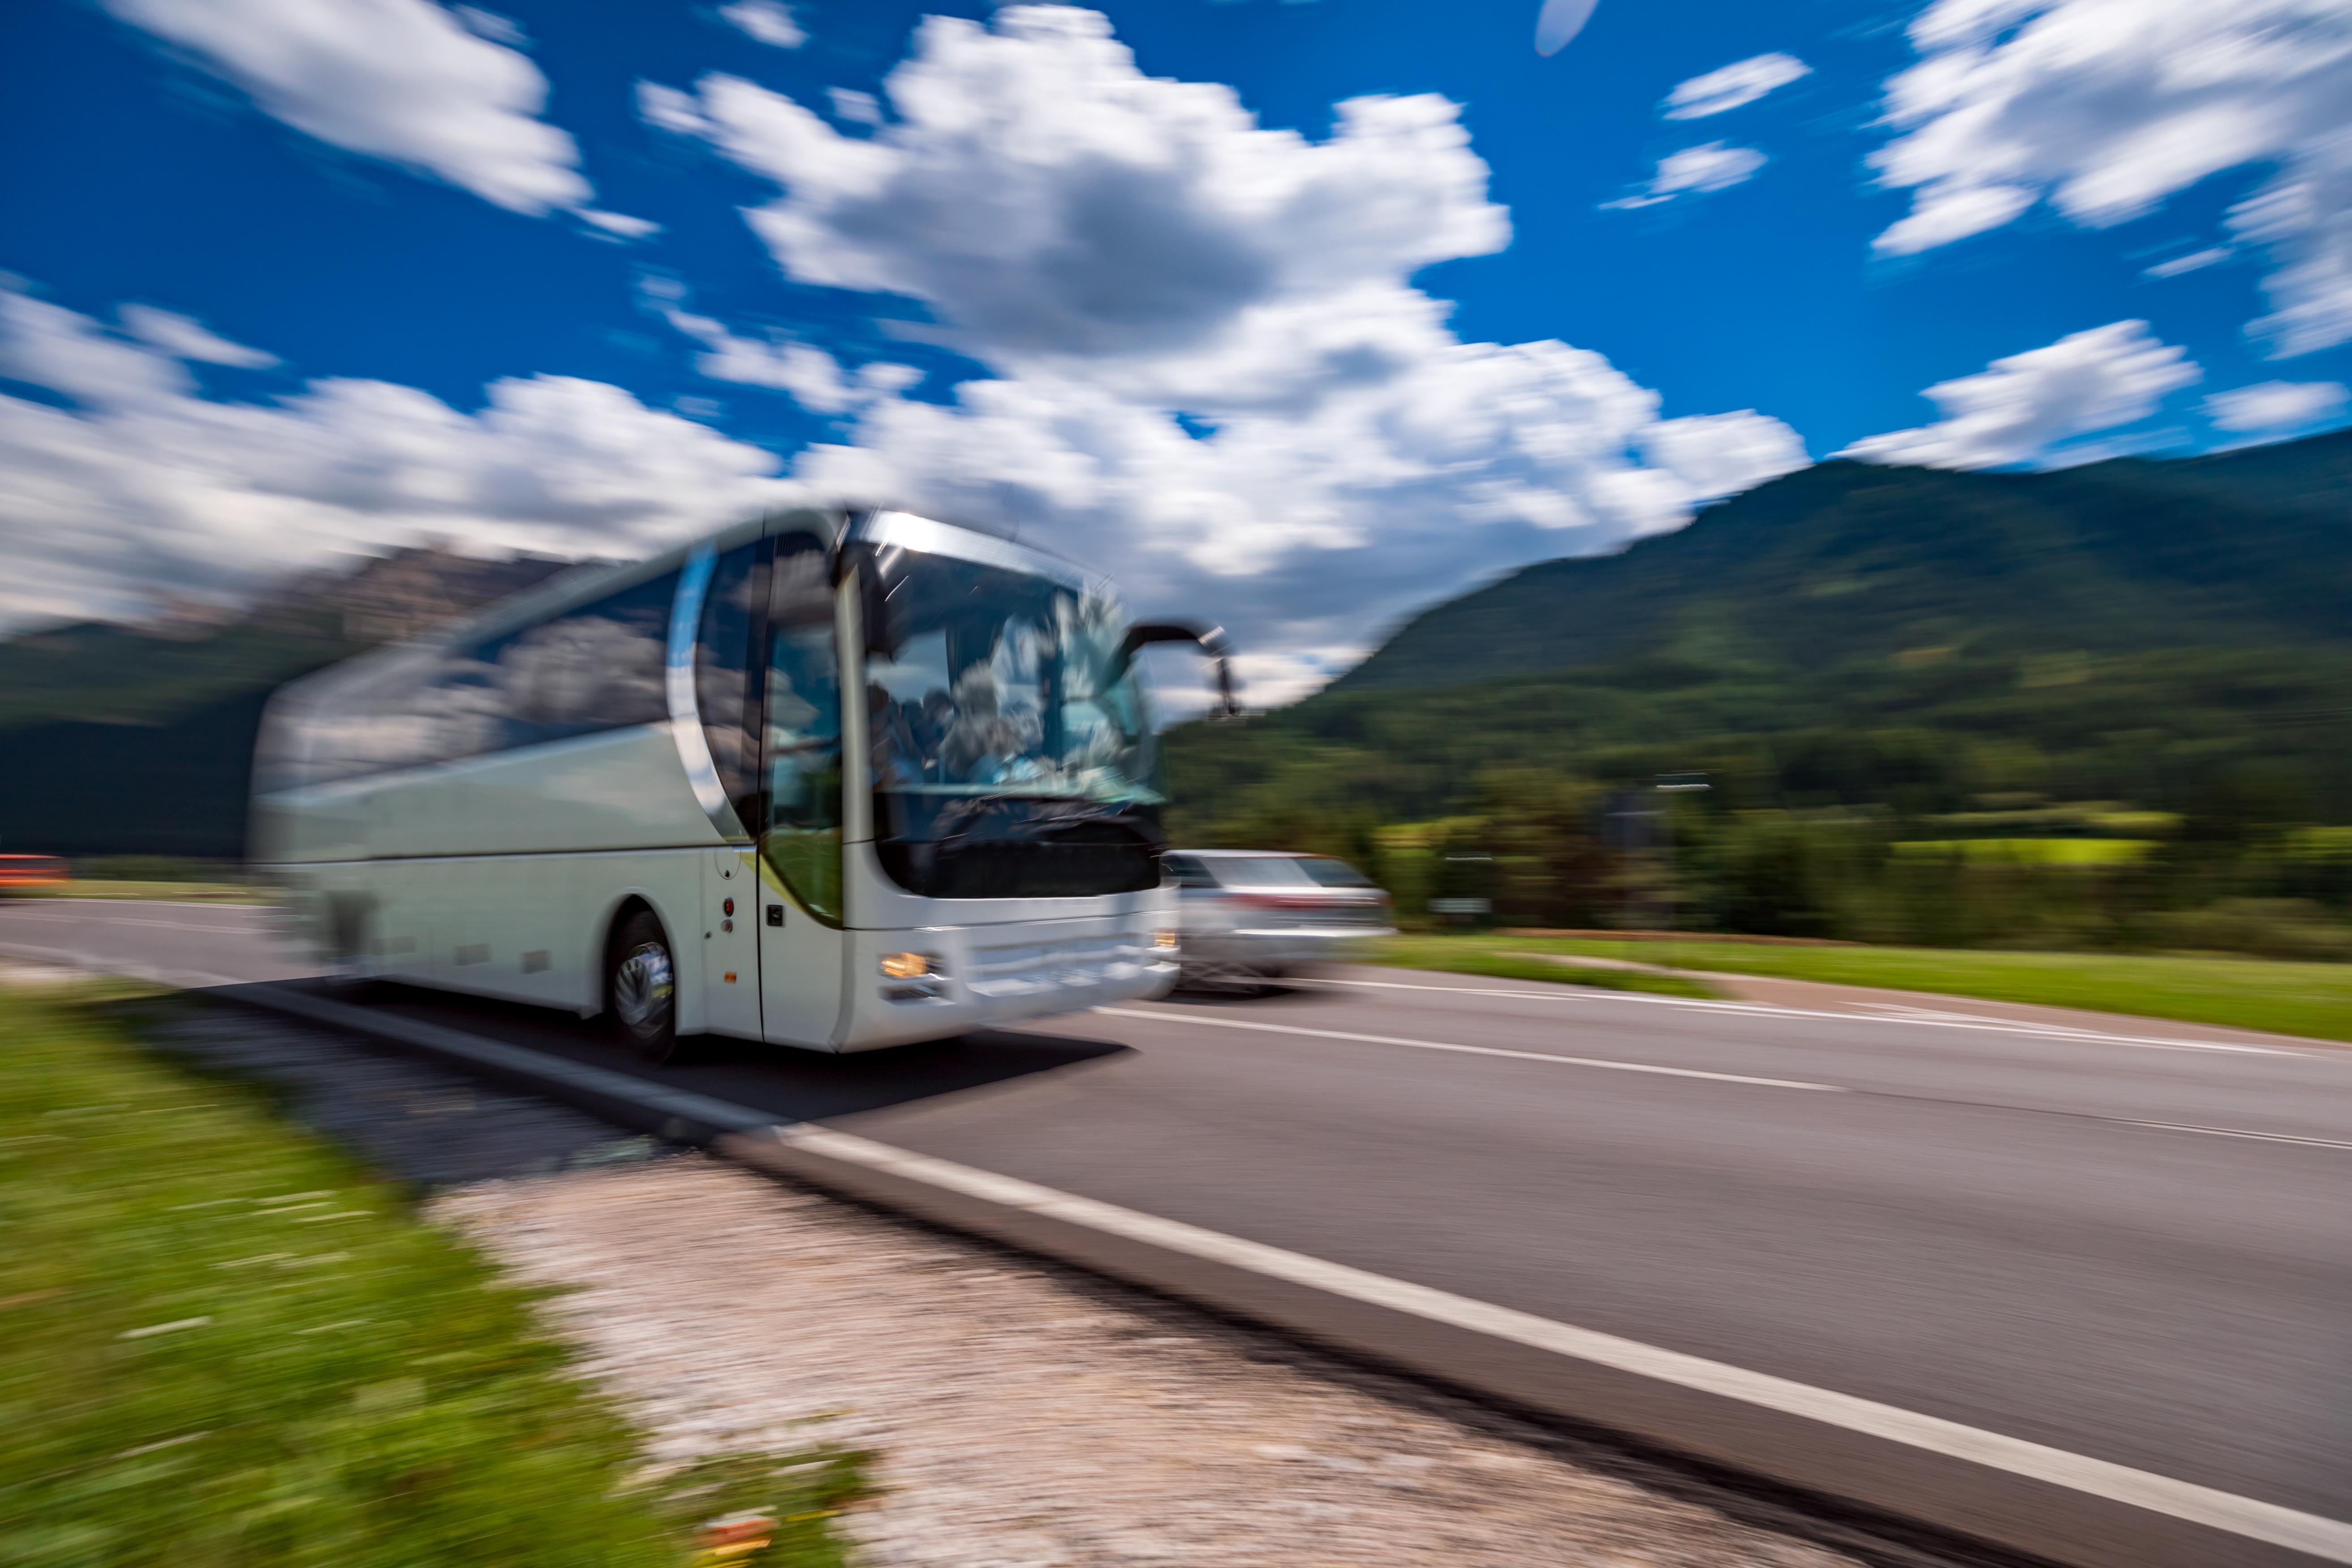 Un şofer de autobuz din Italia a salvat 25 de copii din autovehiculul cuprins de flăcări